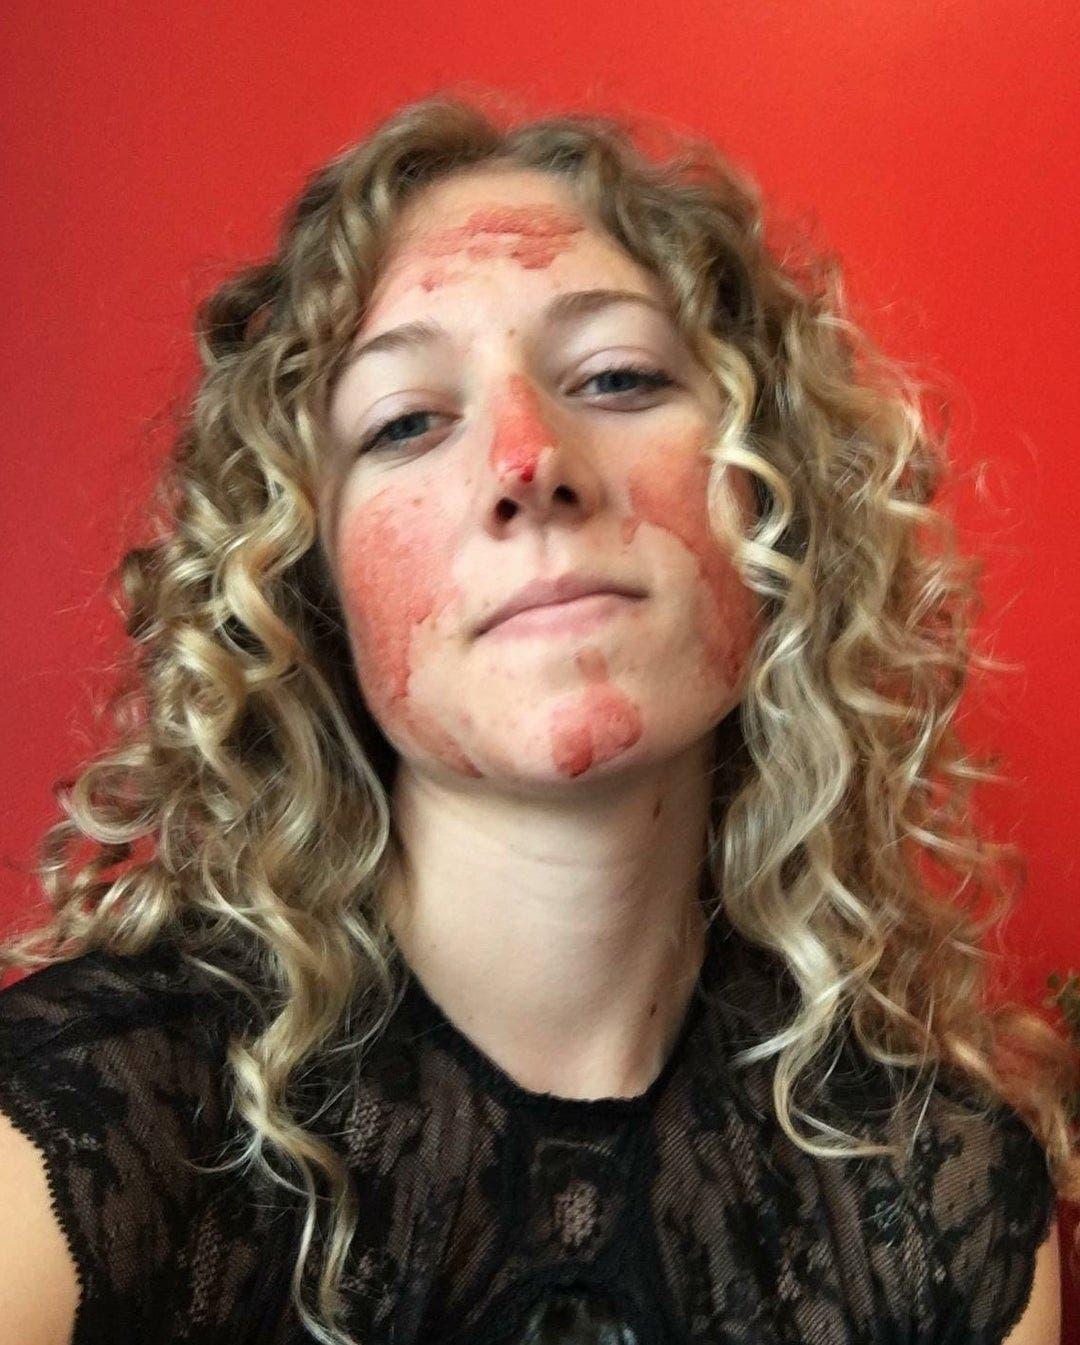 Une femme couvre son visage de sang menstruel pour prouver la beauté des règles